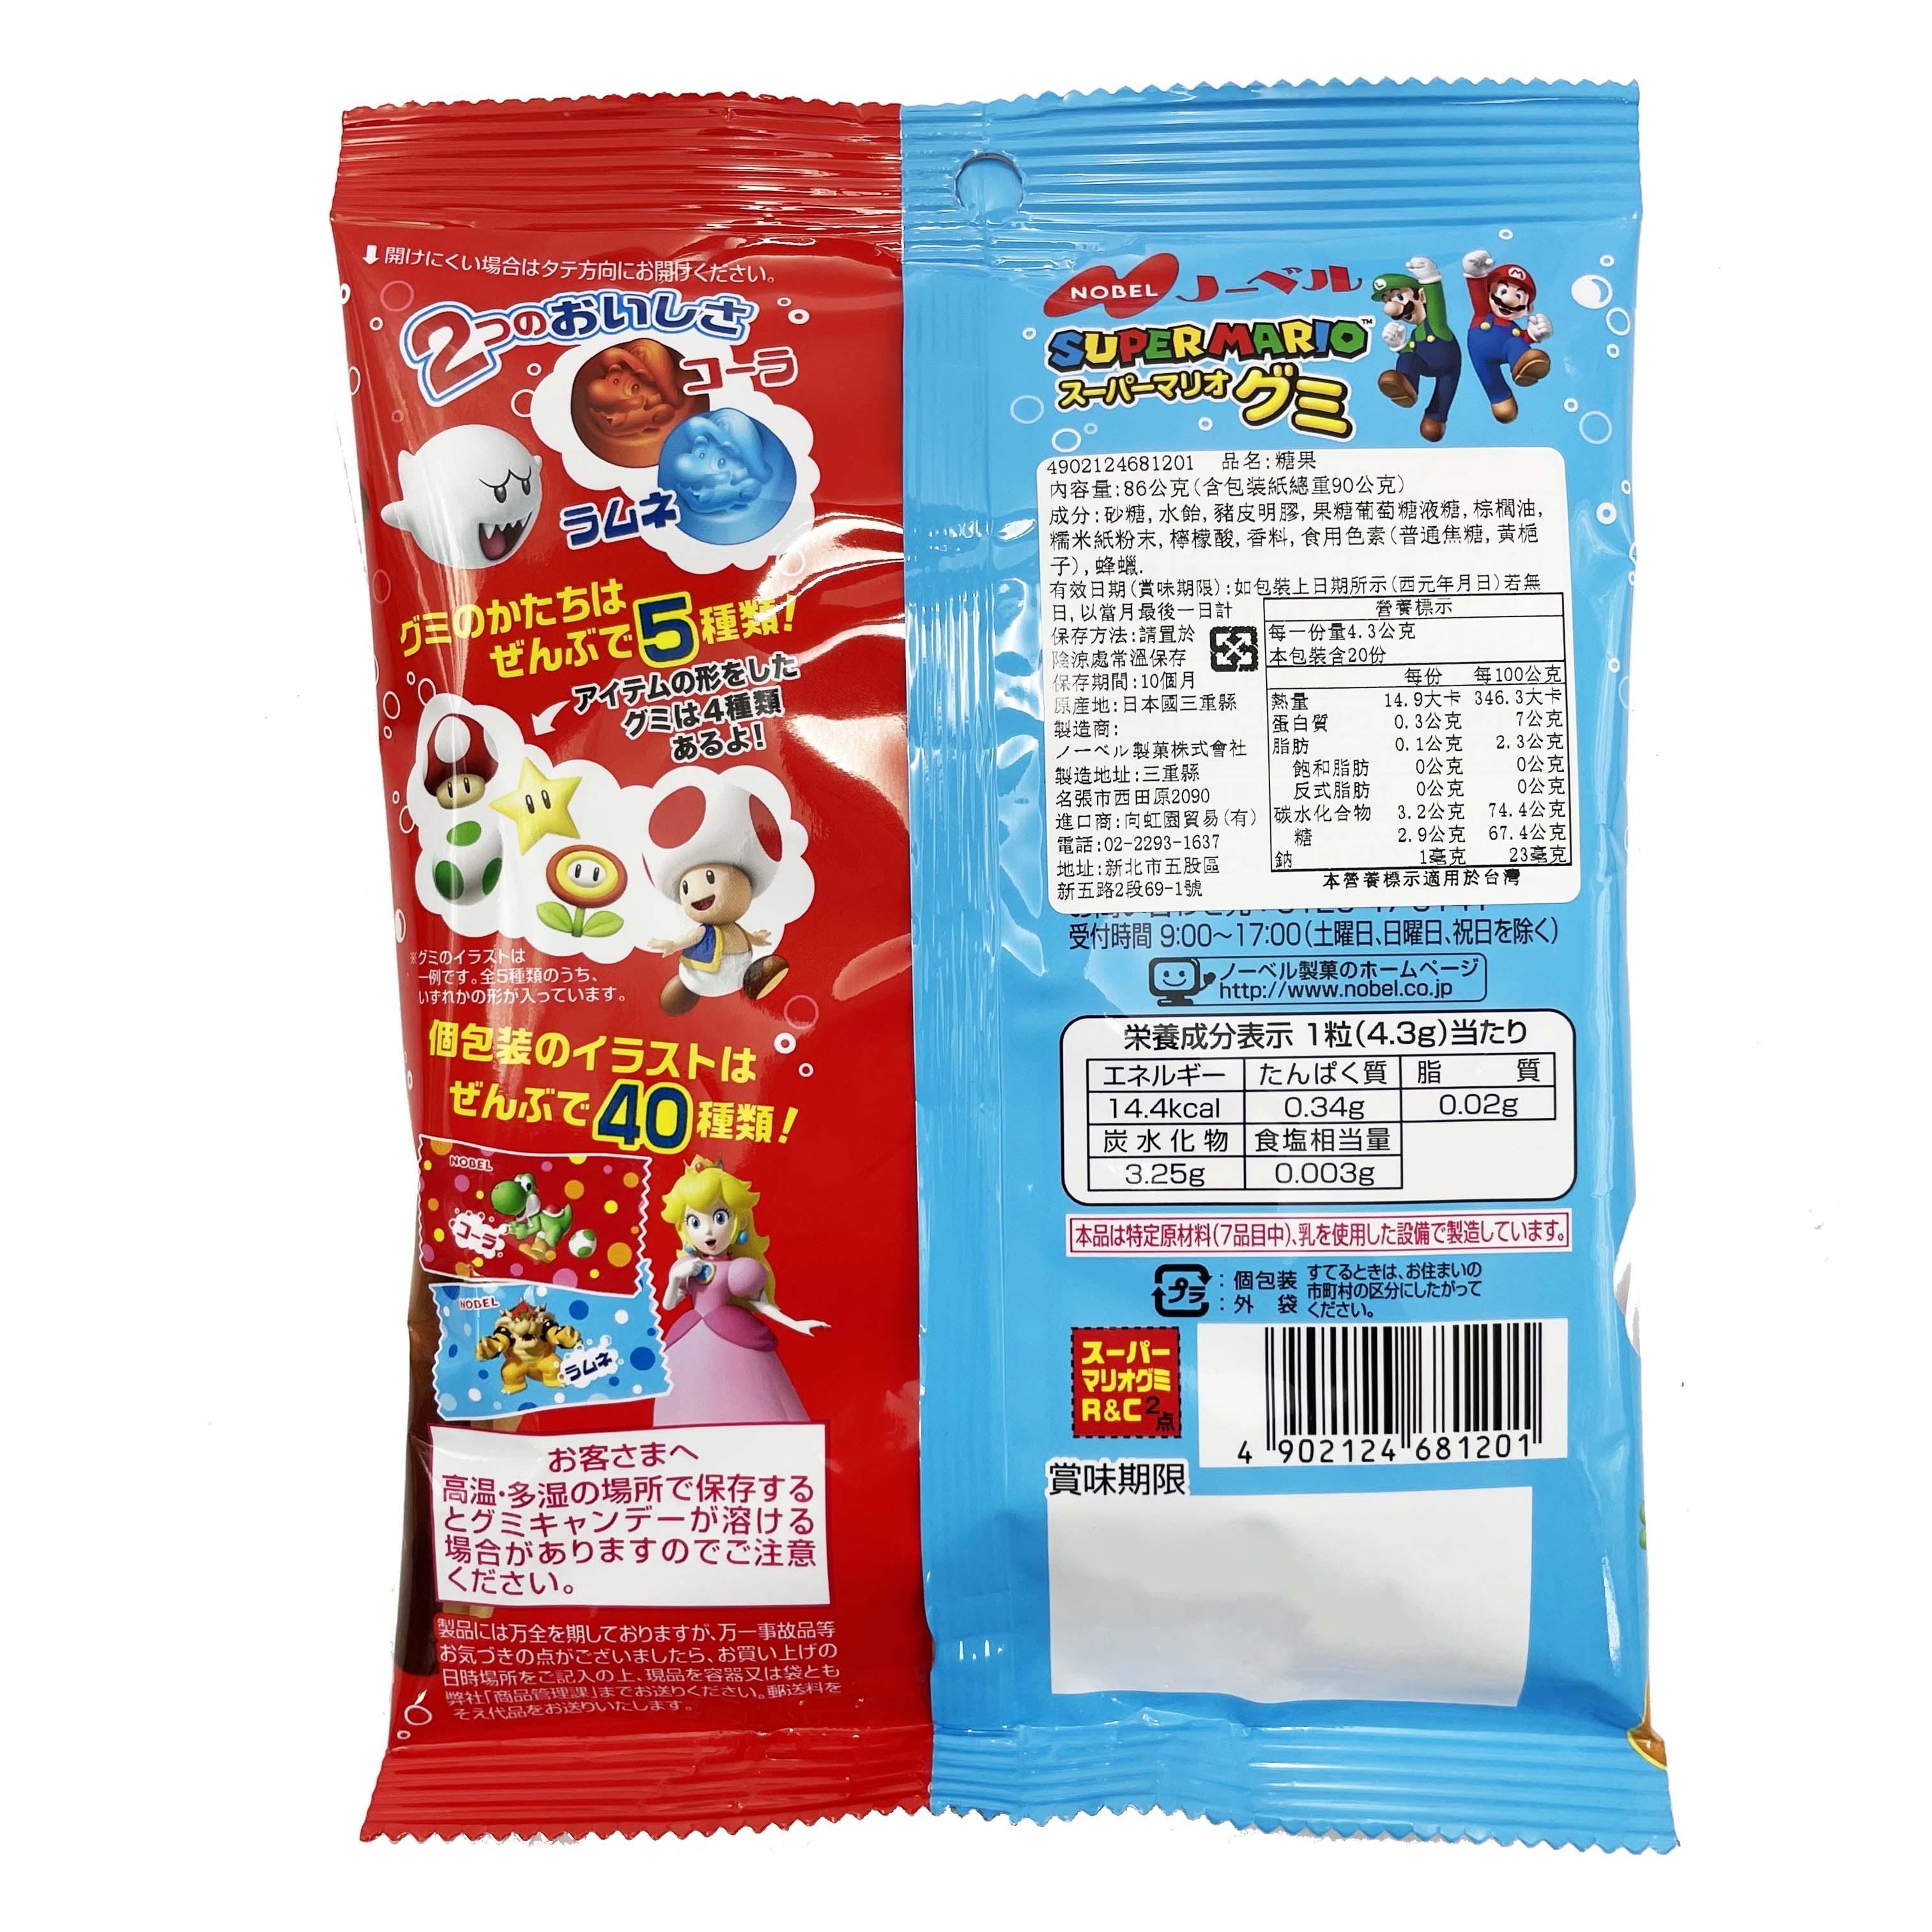 日本 諾貝爾 NOBEL 瑪莉歐 汽水軟糖 86g 馬力歐 超級瑪莉 汽水 蘇打 軟糖